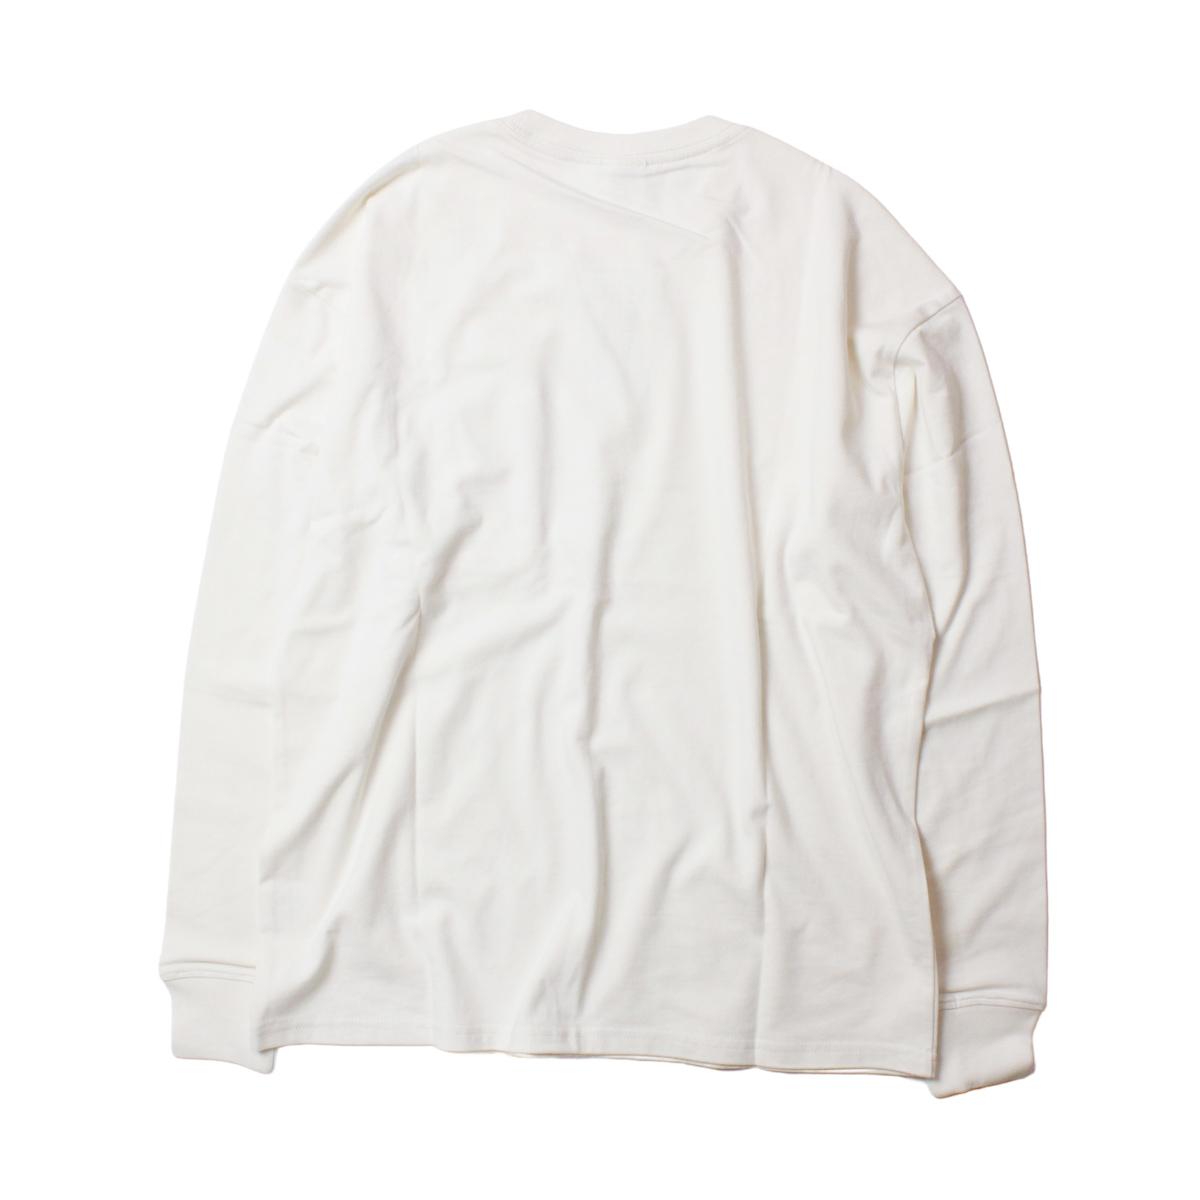 Fruit of the Loom フルーツオブザルーム FTL 米綿 ポケット付き L/S Tシャツ